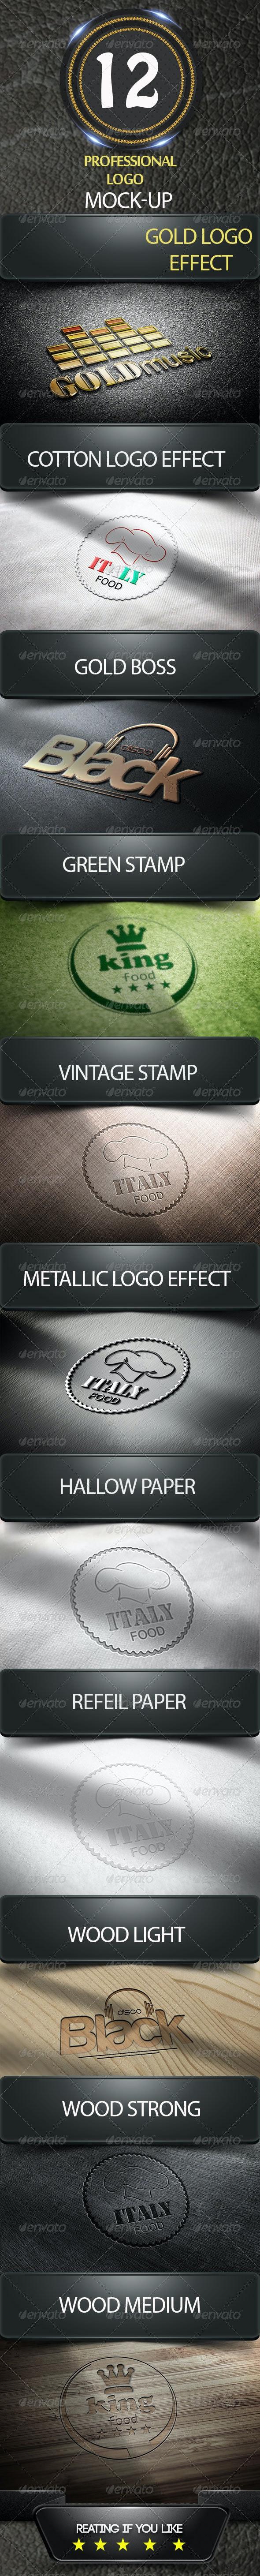 12 Photorealistic Logos Mock-Up Pack - Logo Product Mock-Ups